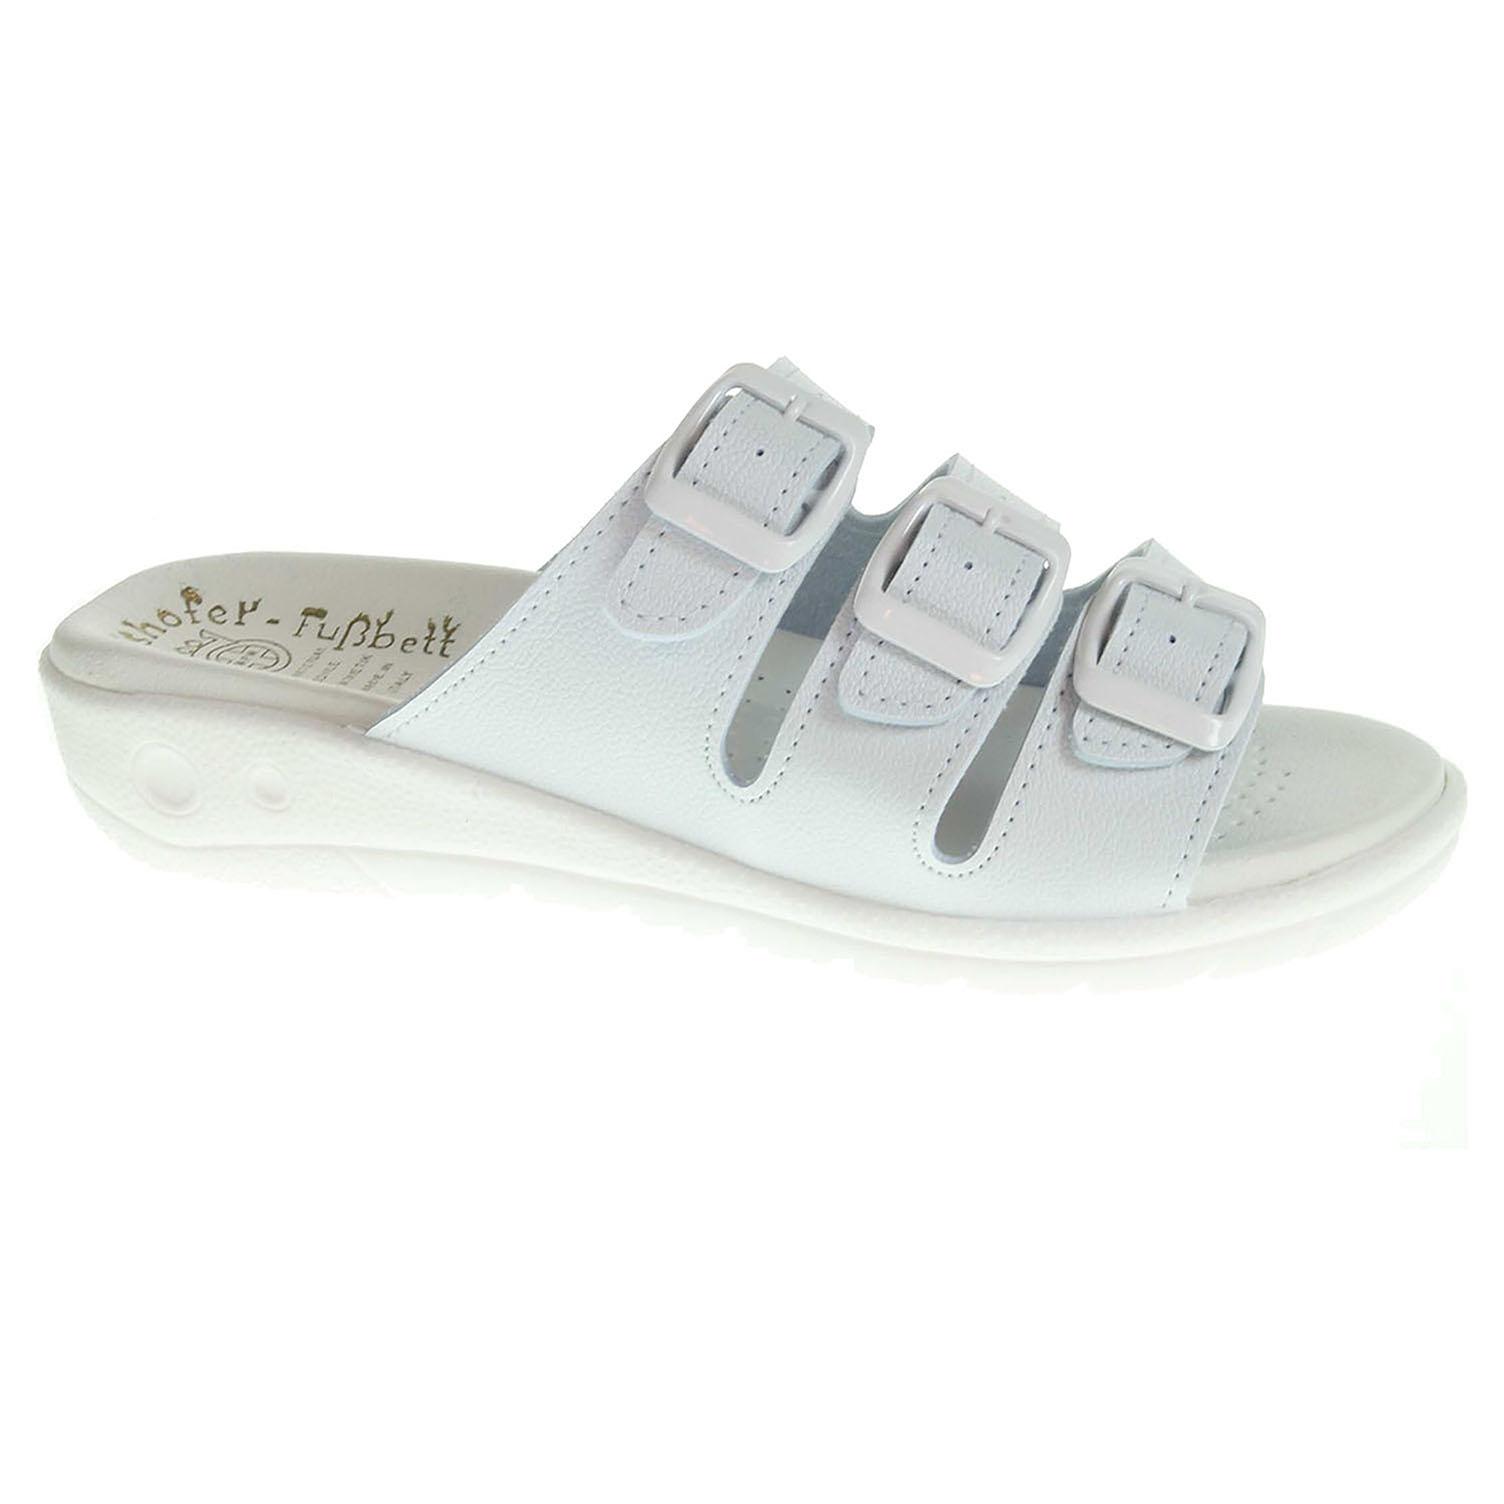 Dámské pantofle 5-20103 bílé 5-20103 bílá 42